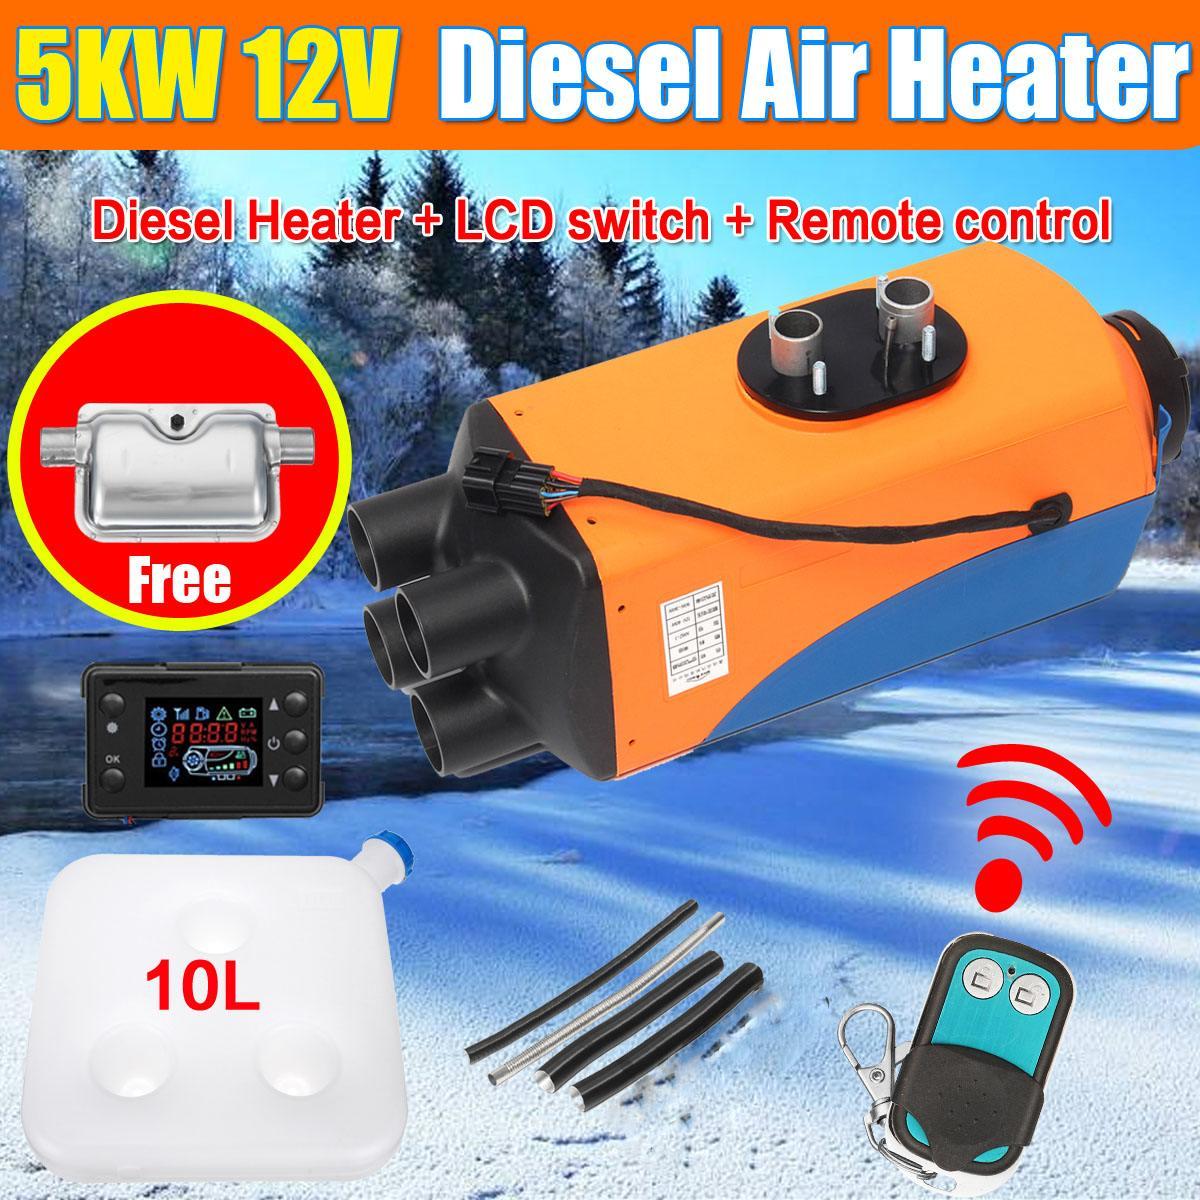 12 v/24 v 5kw carro aquecedor de ar diesels aquecedor de estacionamento com controle remoto lcd silenciador para motorhome caminhões de reboque barcos